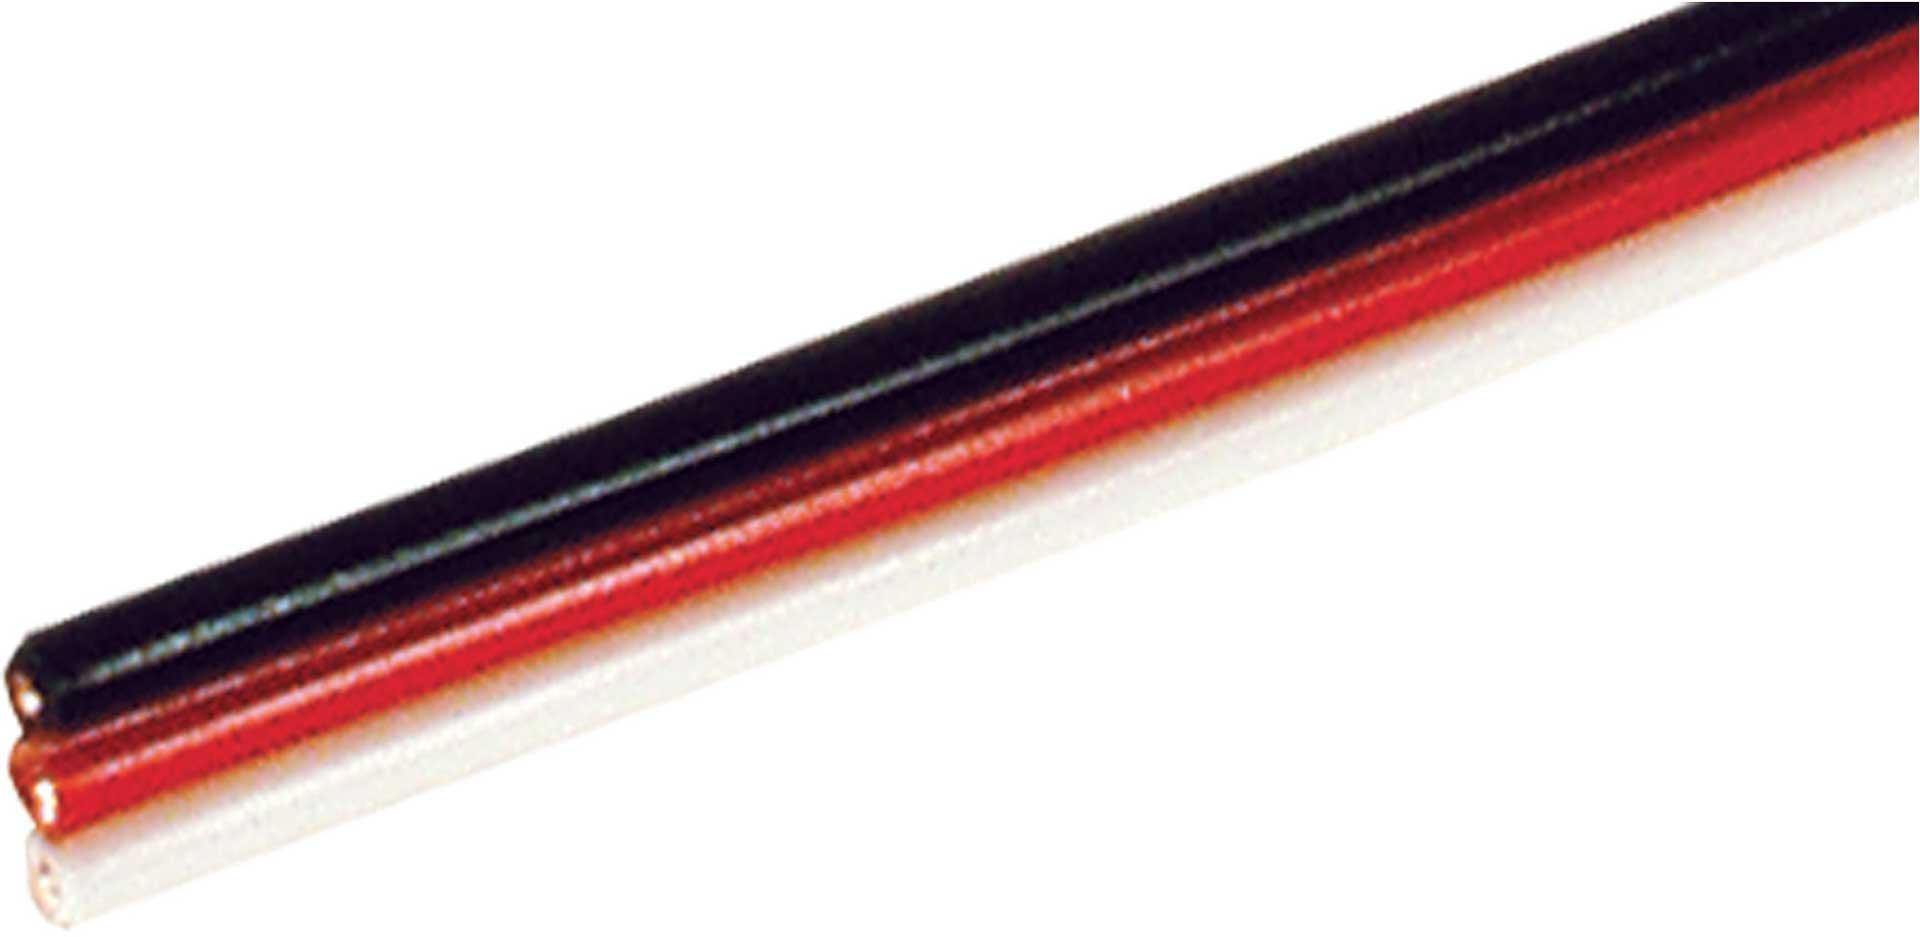 ROBBE Servokabel Futaba 10 Meter flach 0,33mm² (22AWG) PVC Meterware